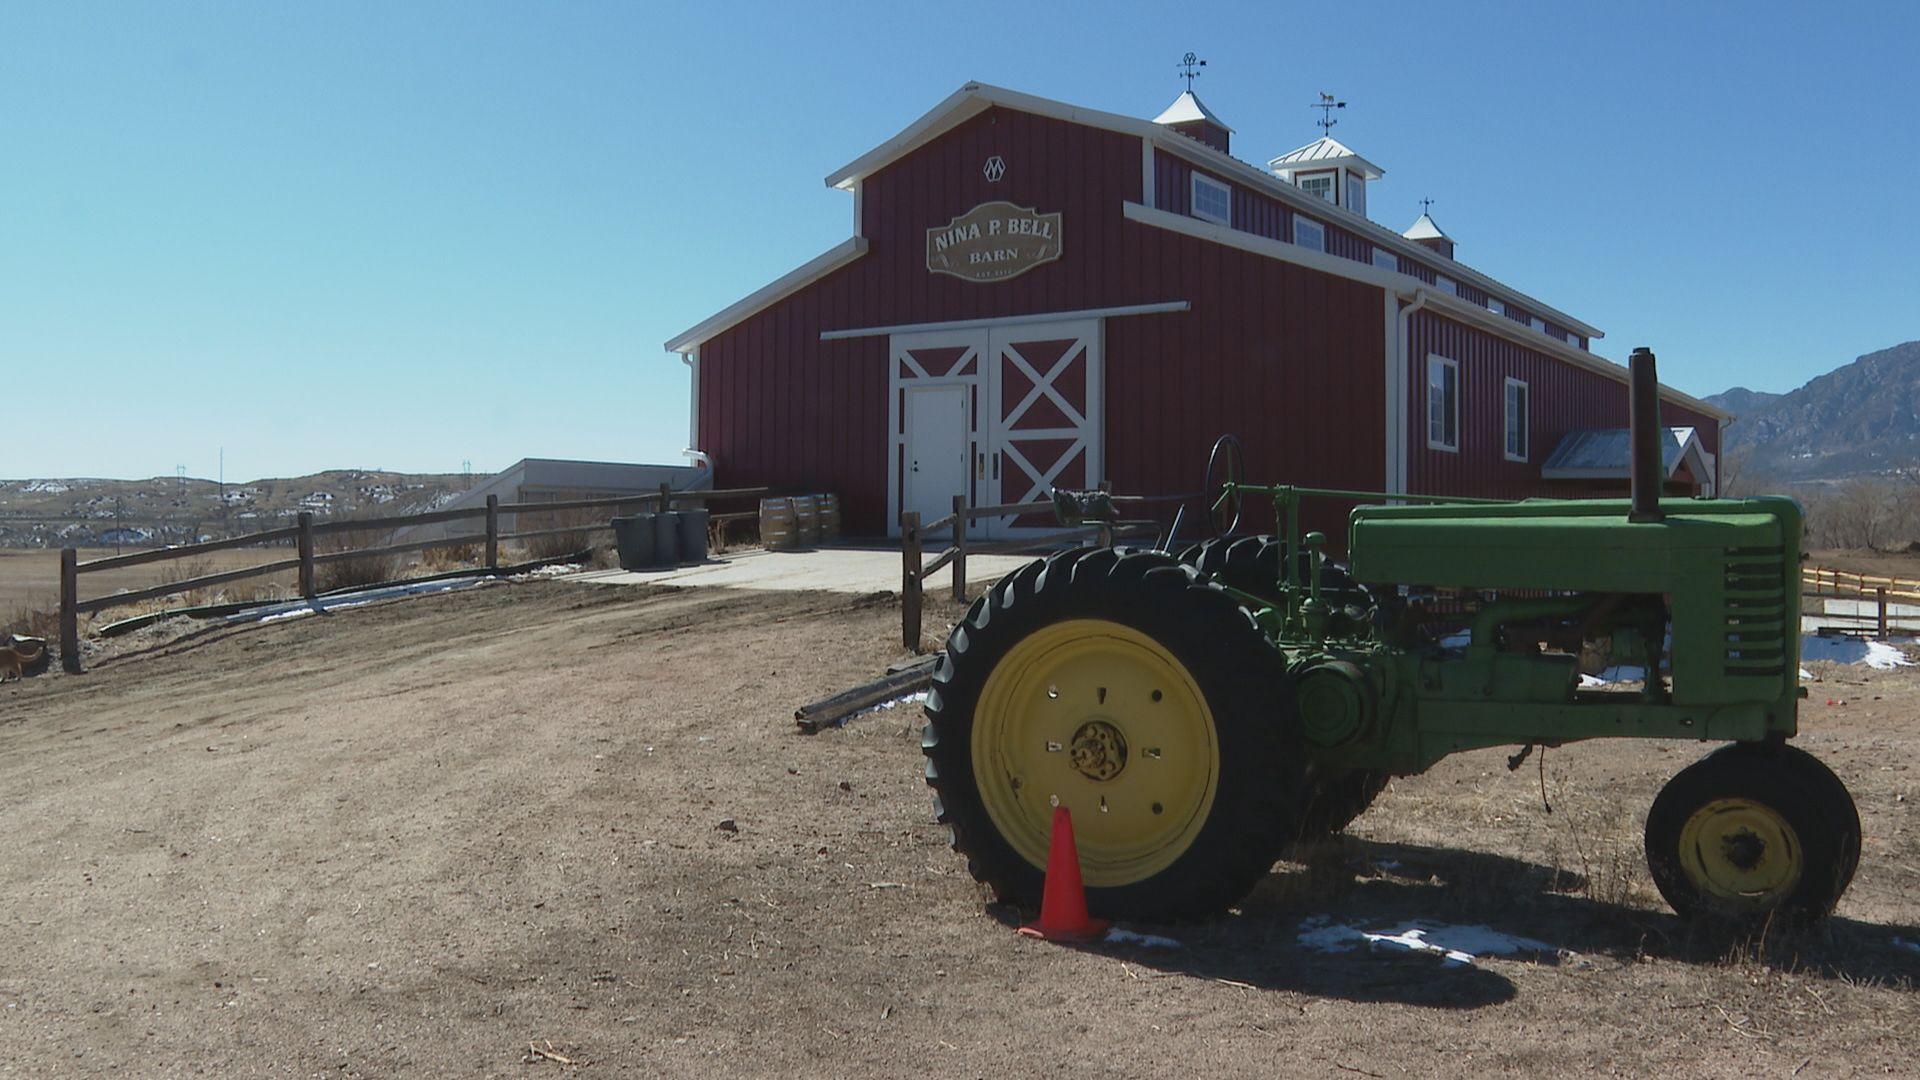 koaa.com - Bill Folsom - Flowers in its future; Venetucci Farm reopening